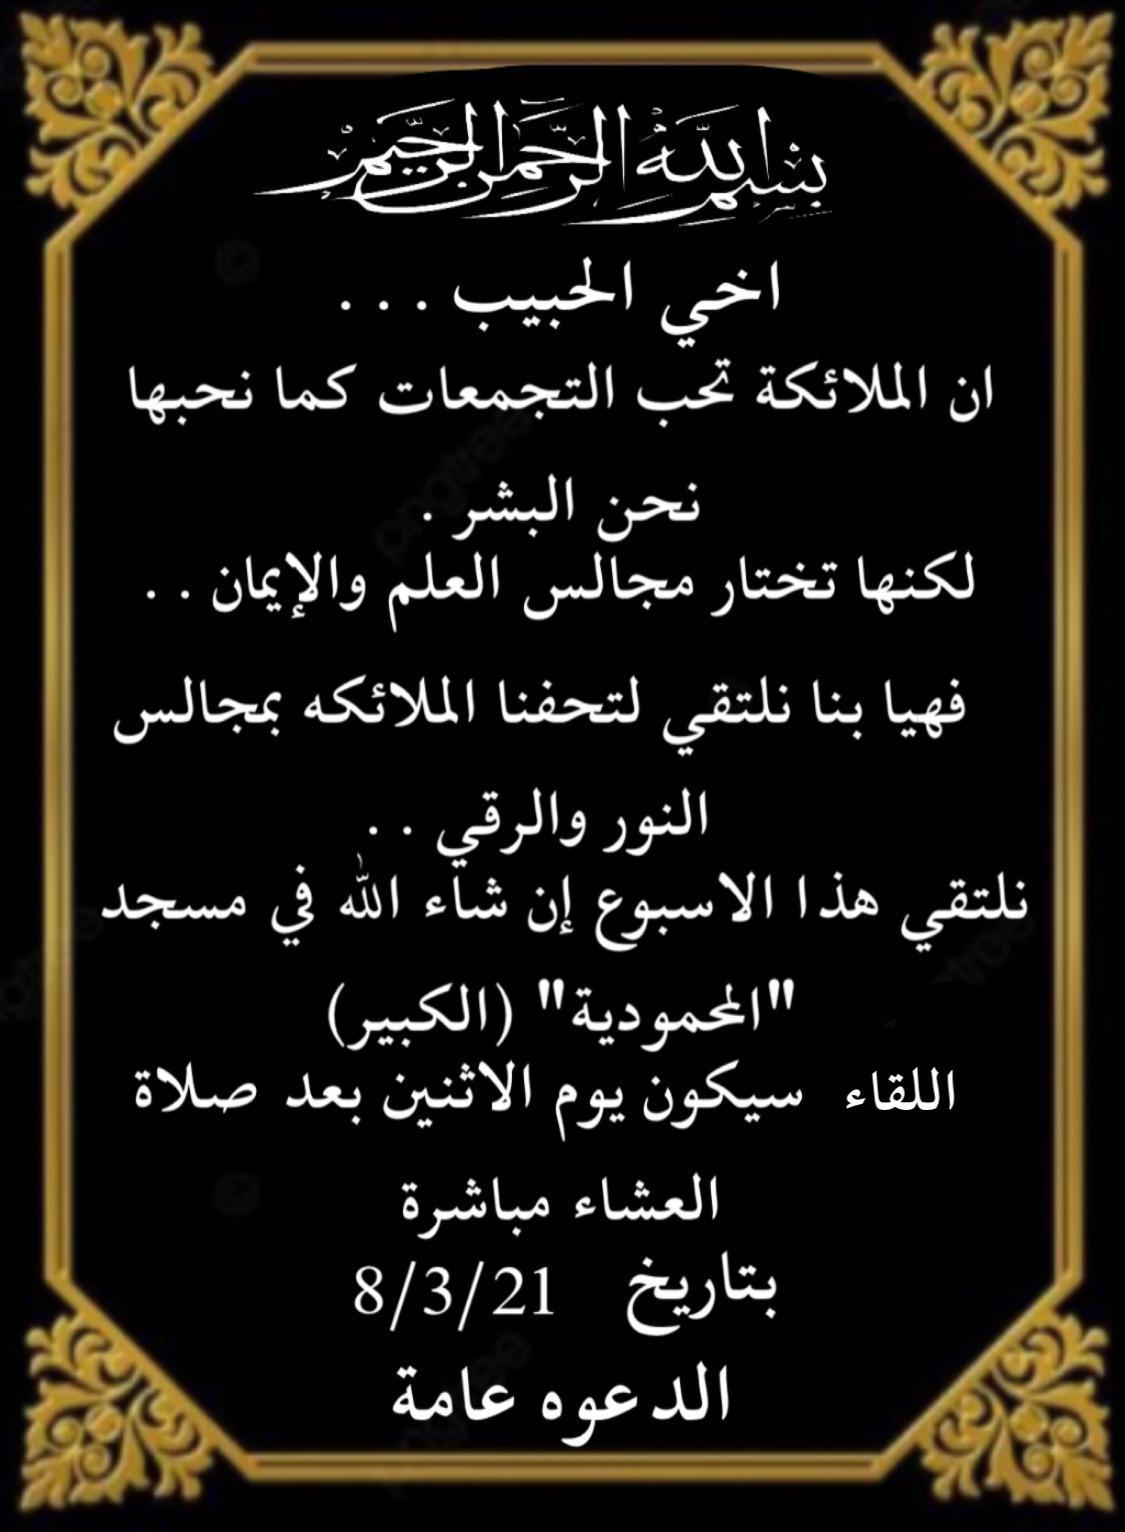 غداً: لقاء في مسجد يافا الكبير بيافا